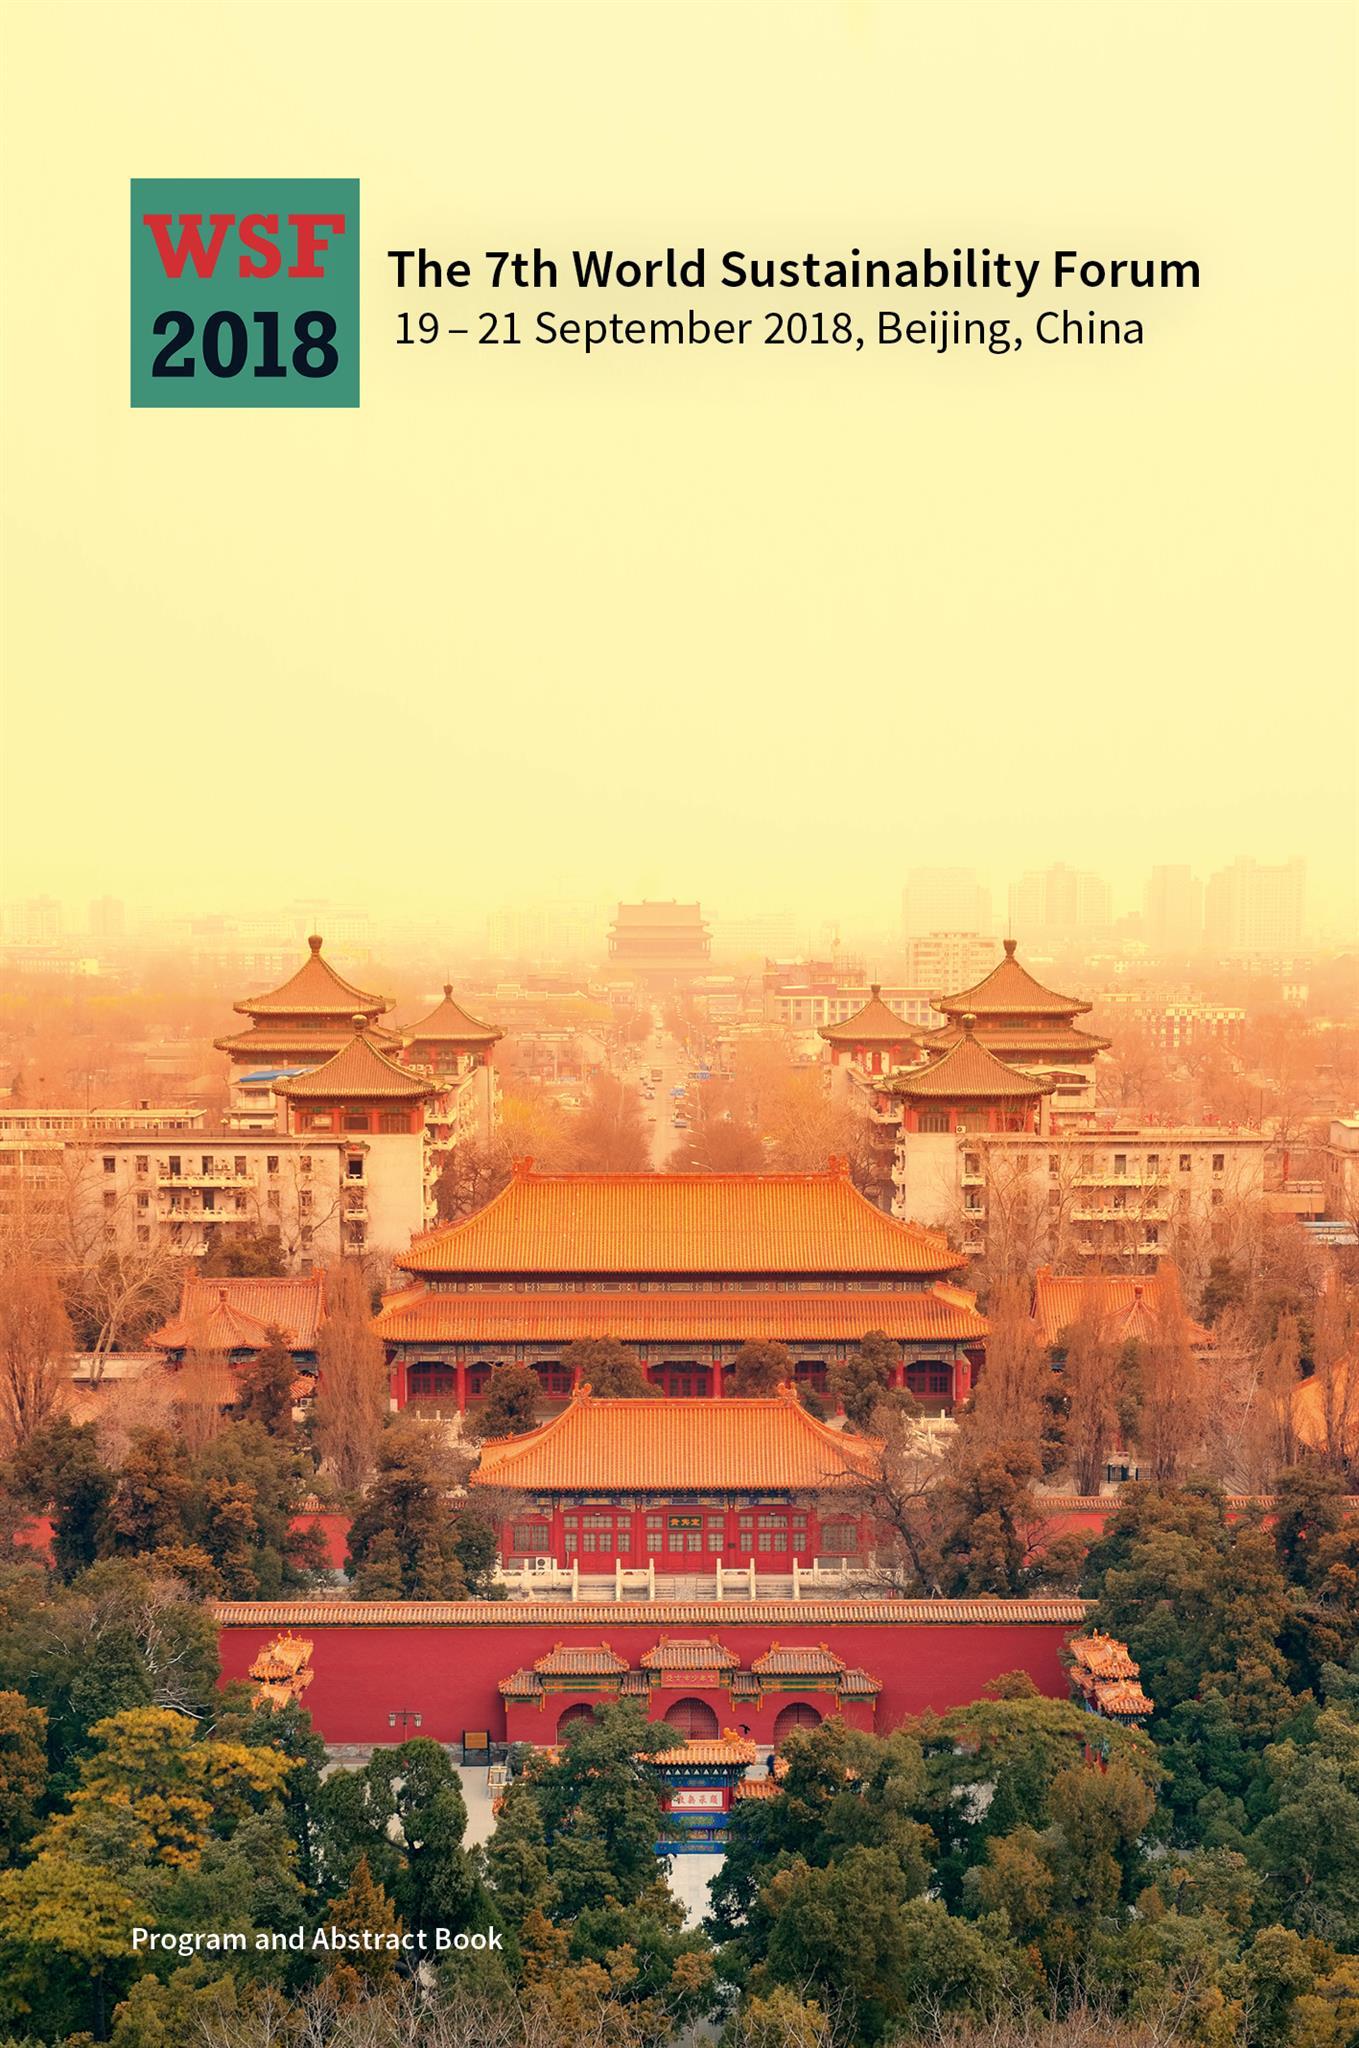 Sciforum Beijing Special Deal 4 Days Dept 11 Aug 18 17 September 2018